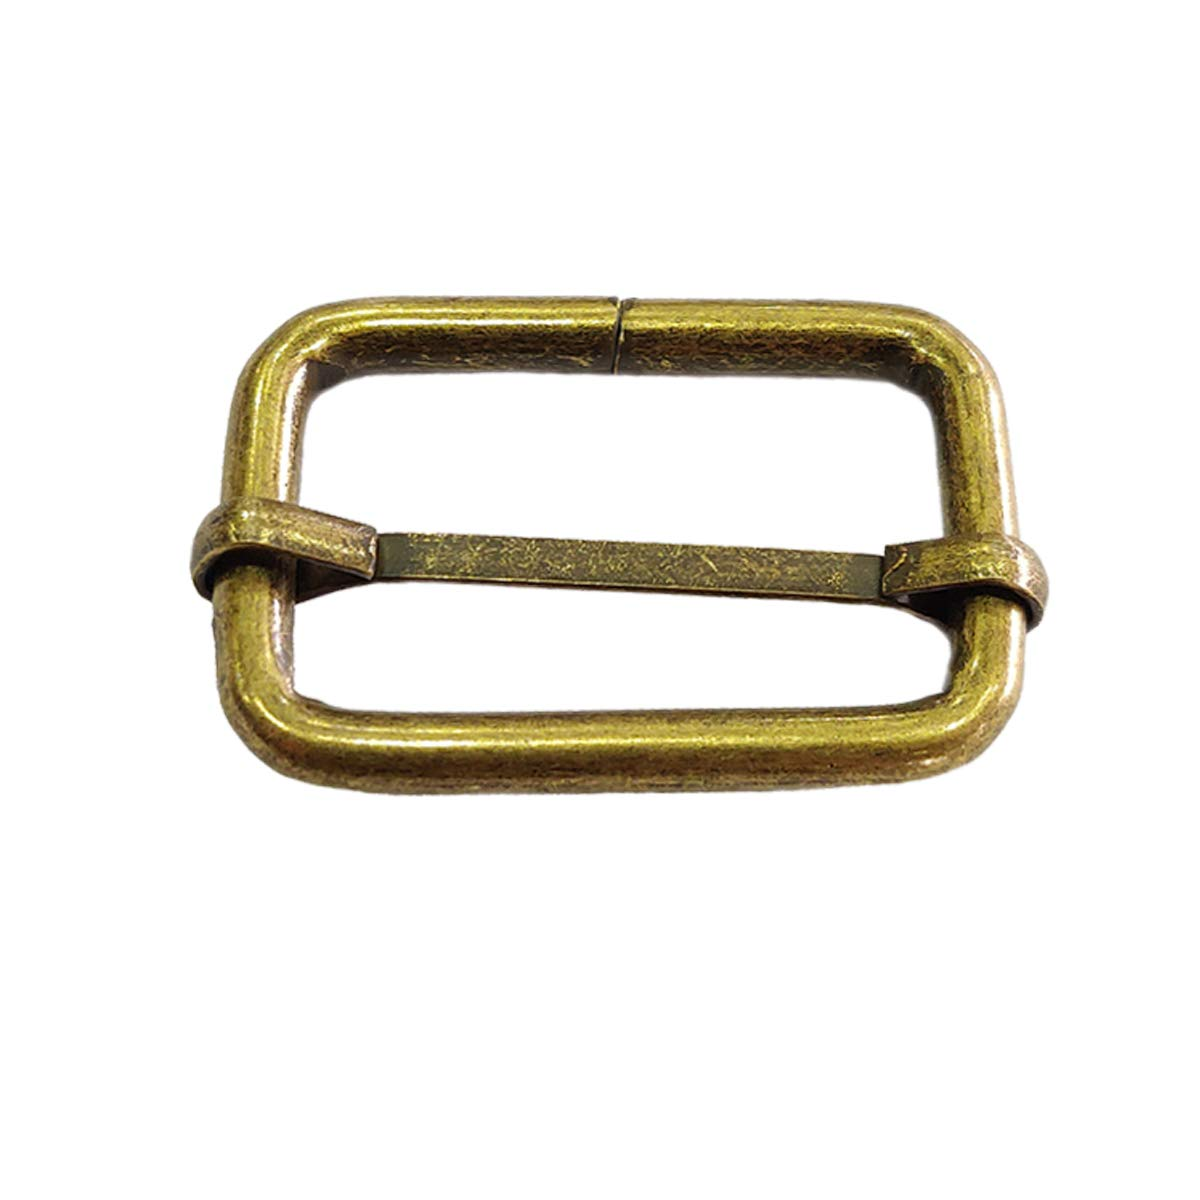 Trimming Shop 32mm Triglide Bronze Boucle pivotant en métal Slide Trigger Snap Crochets pour sangles, métal, toboggan, résistant, léger, Sac à dos, sangle de fixation, Pet Colliers et sac Accessoires, Métal, bronze, 2pcs